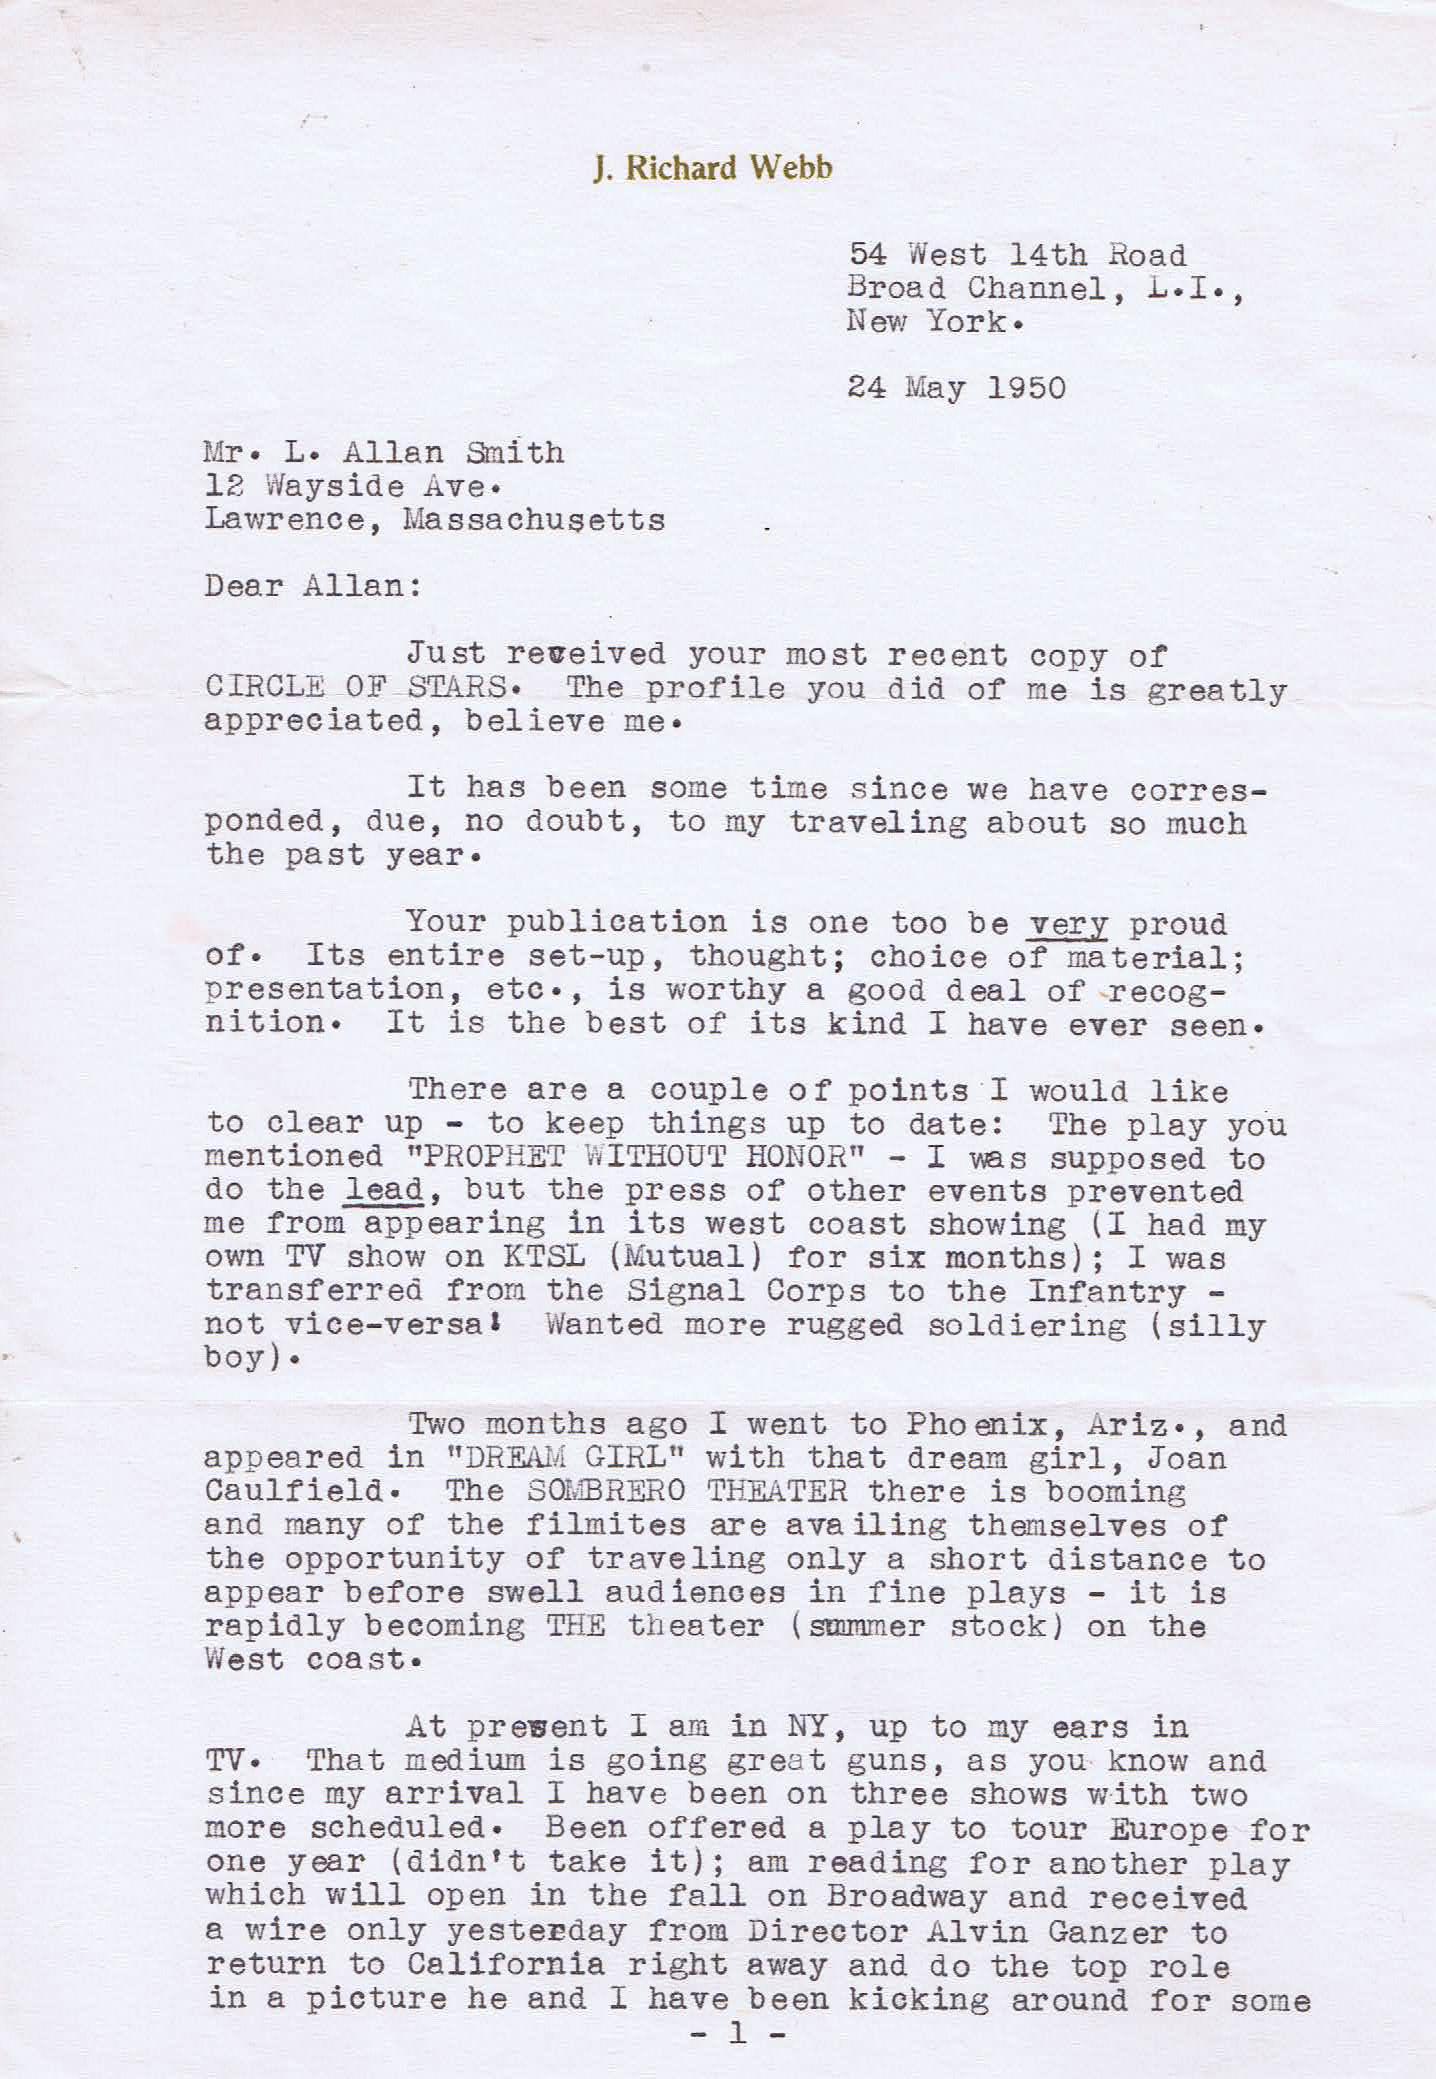 RICHARD WEBB Autographed Letter